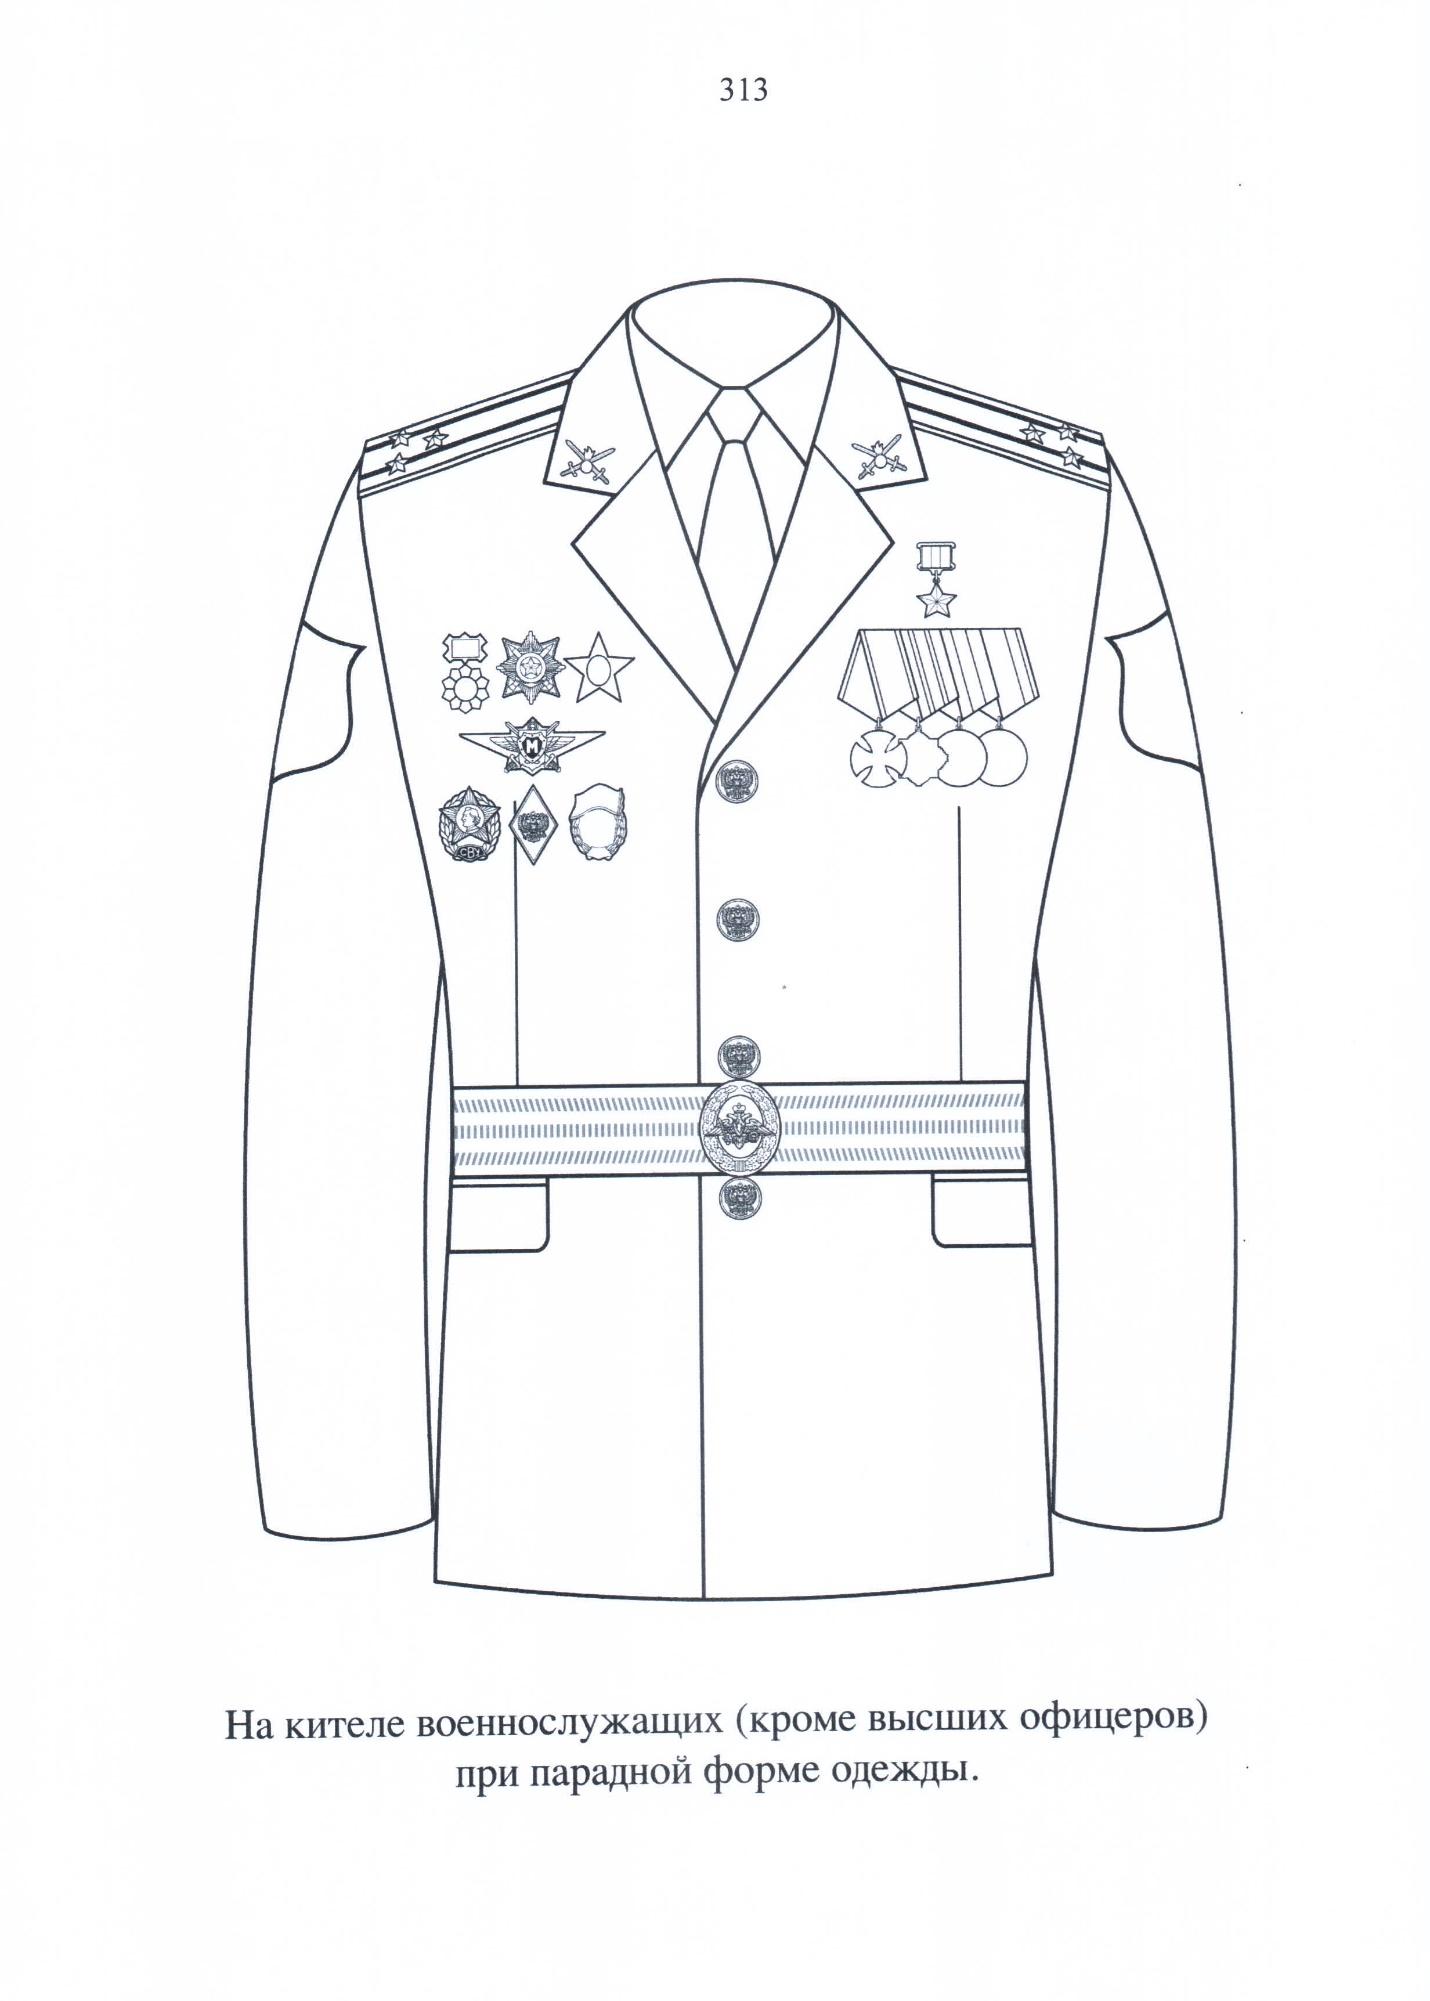 C:\Users\User\Desktop\Приказ МО РФ от 22.06.2015 г. № 300 Правила ношения военной формы одежды\185004.JPG